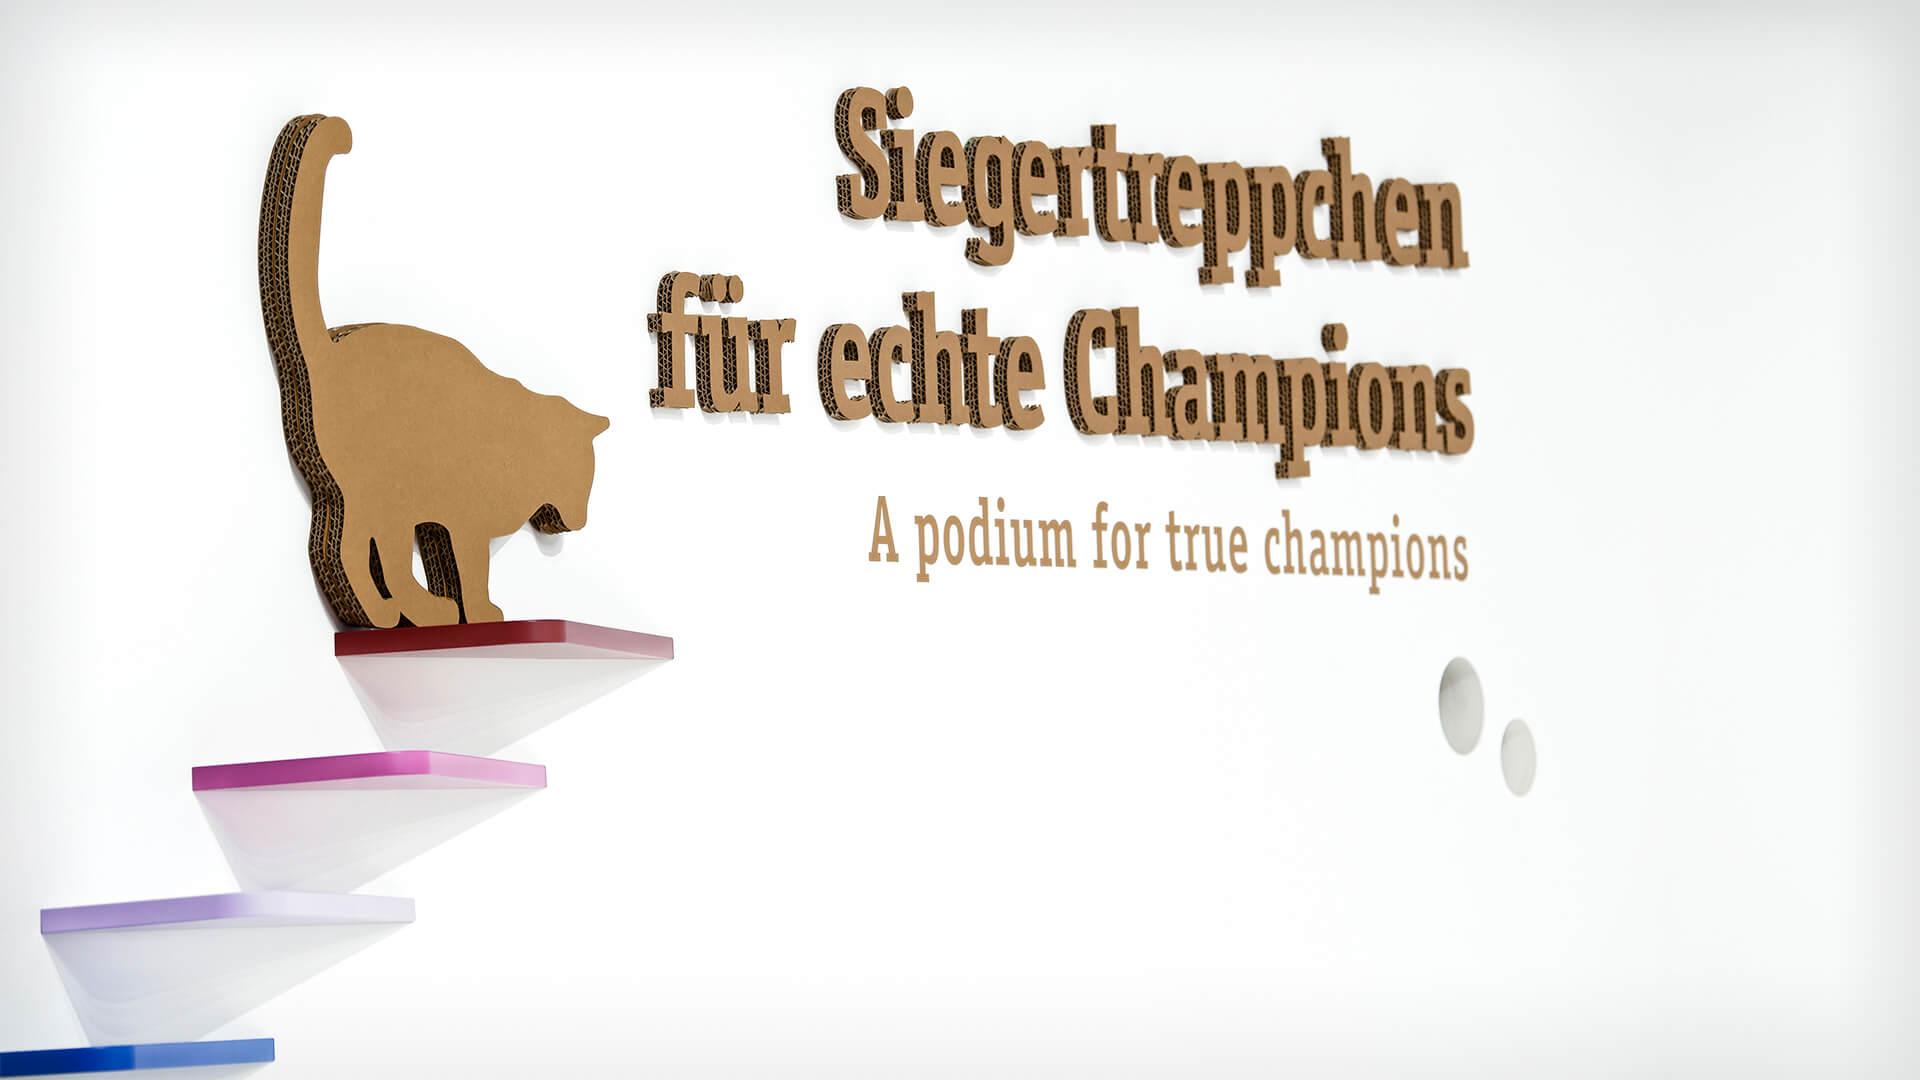 Messedesign auch für die Wand: Pappkatze auf Papptreppe, Schriftzug: Siegertreppchen für echte Champions